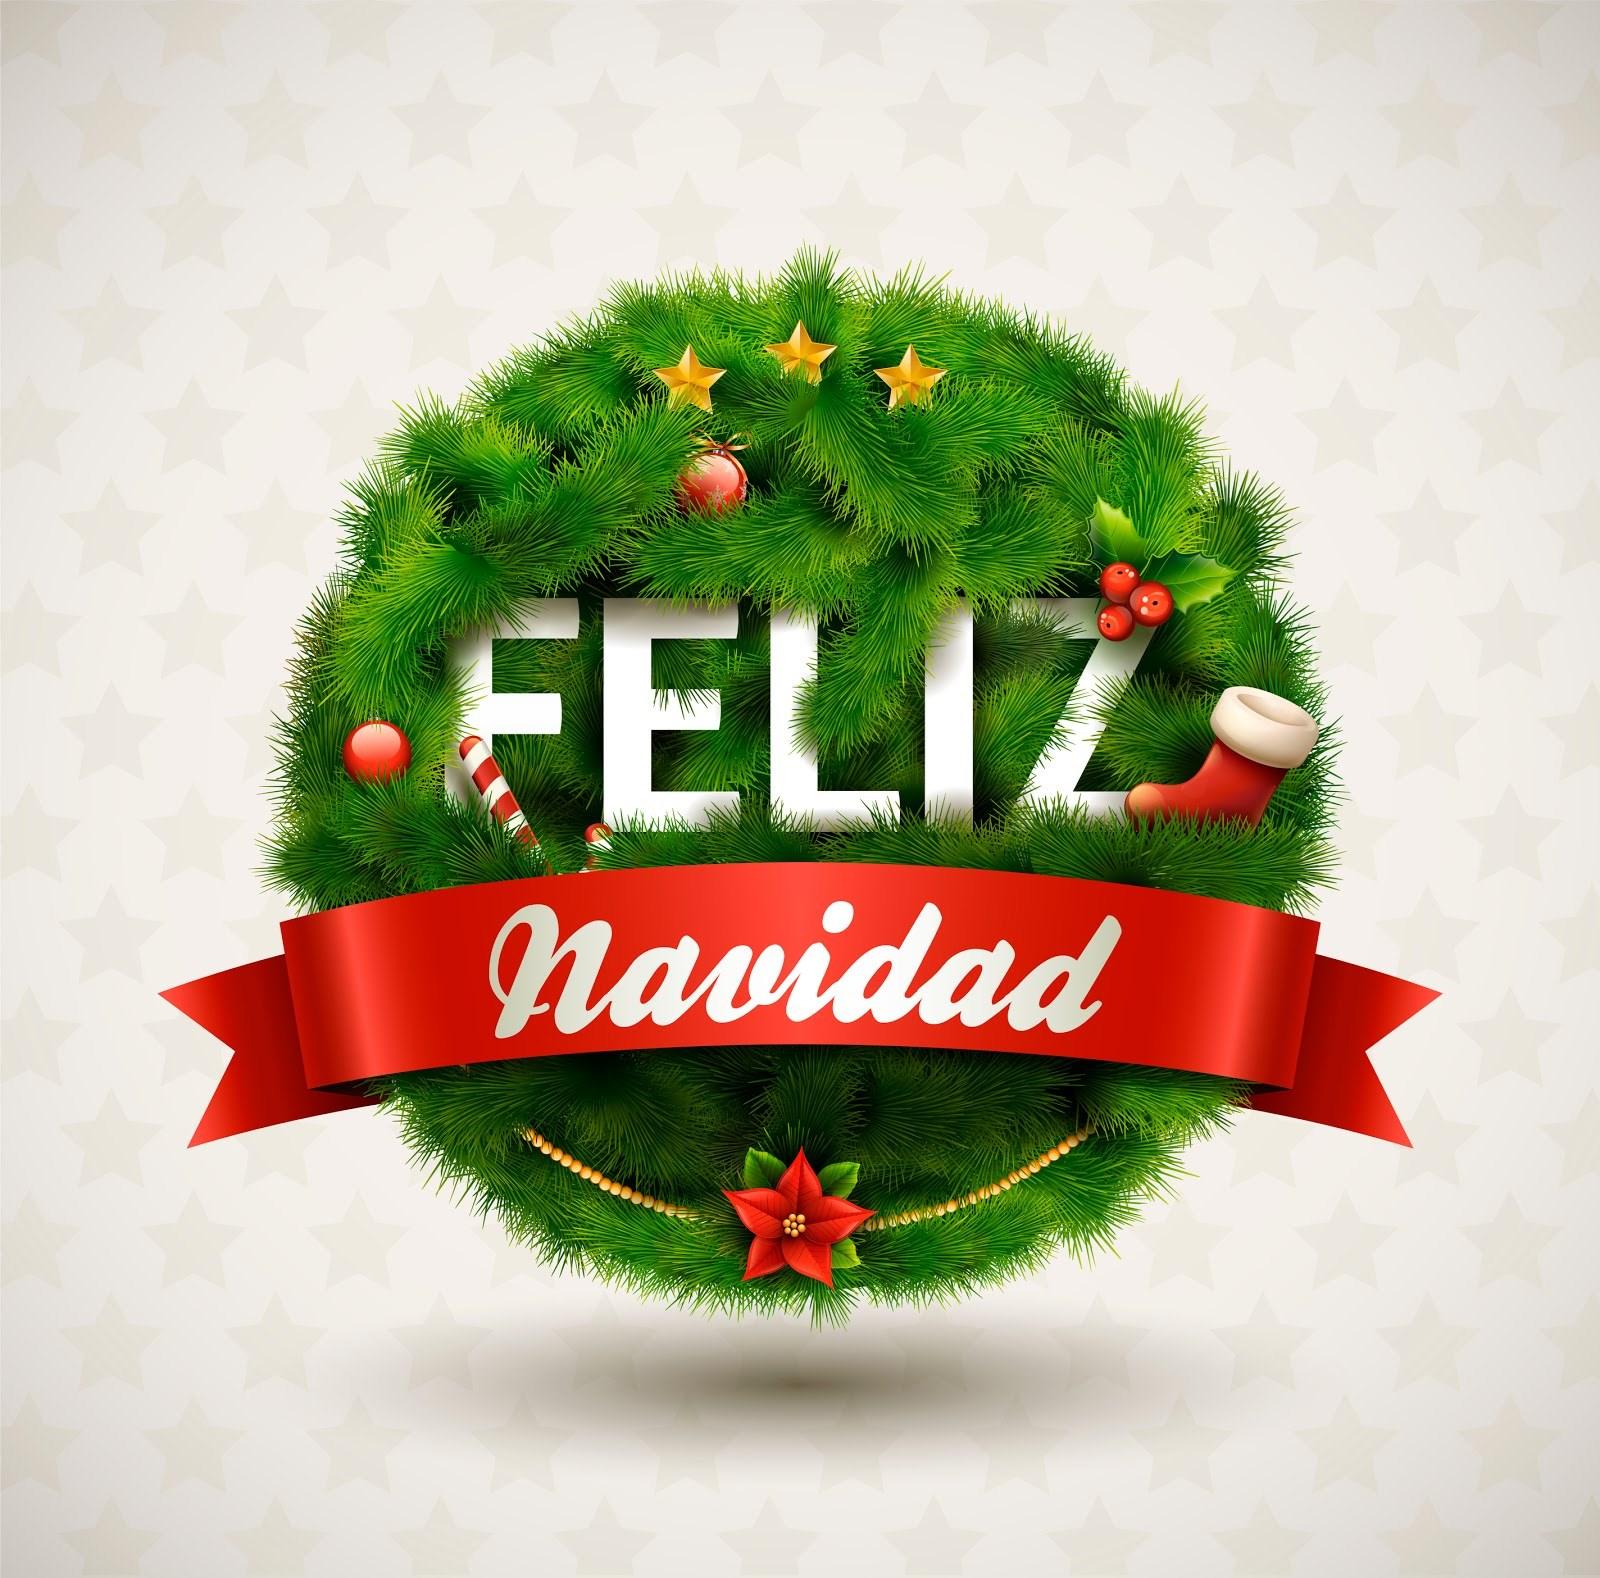 Фон для, открытка на испанском с рождеством